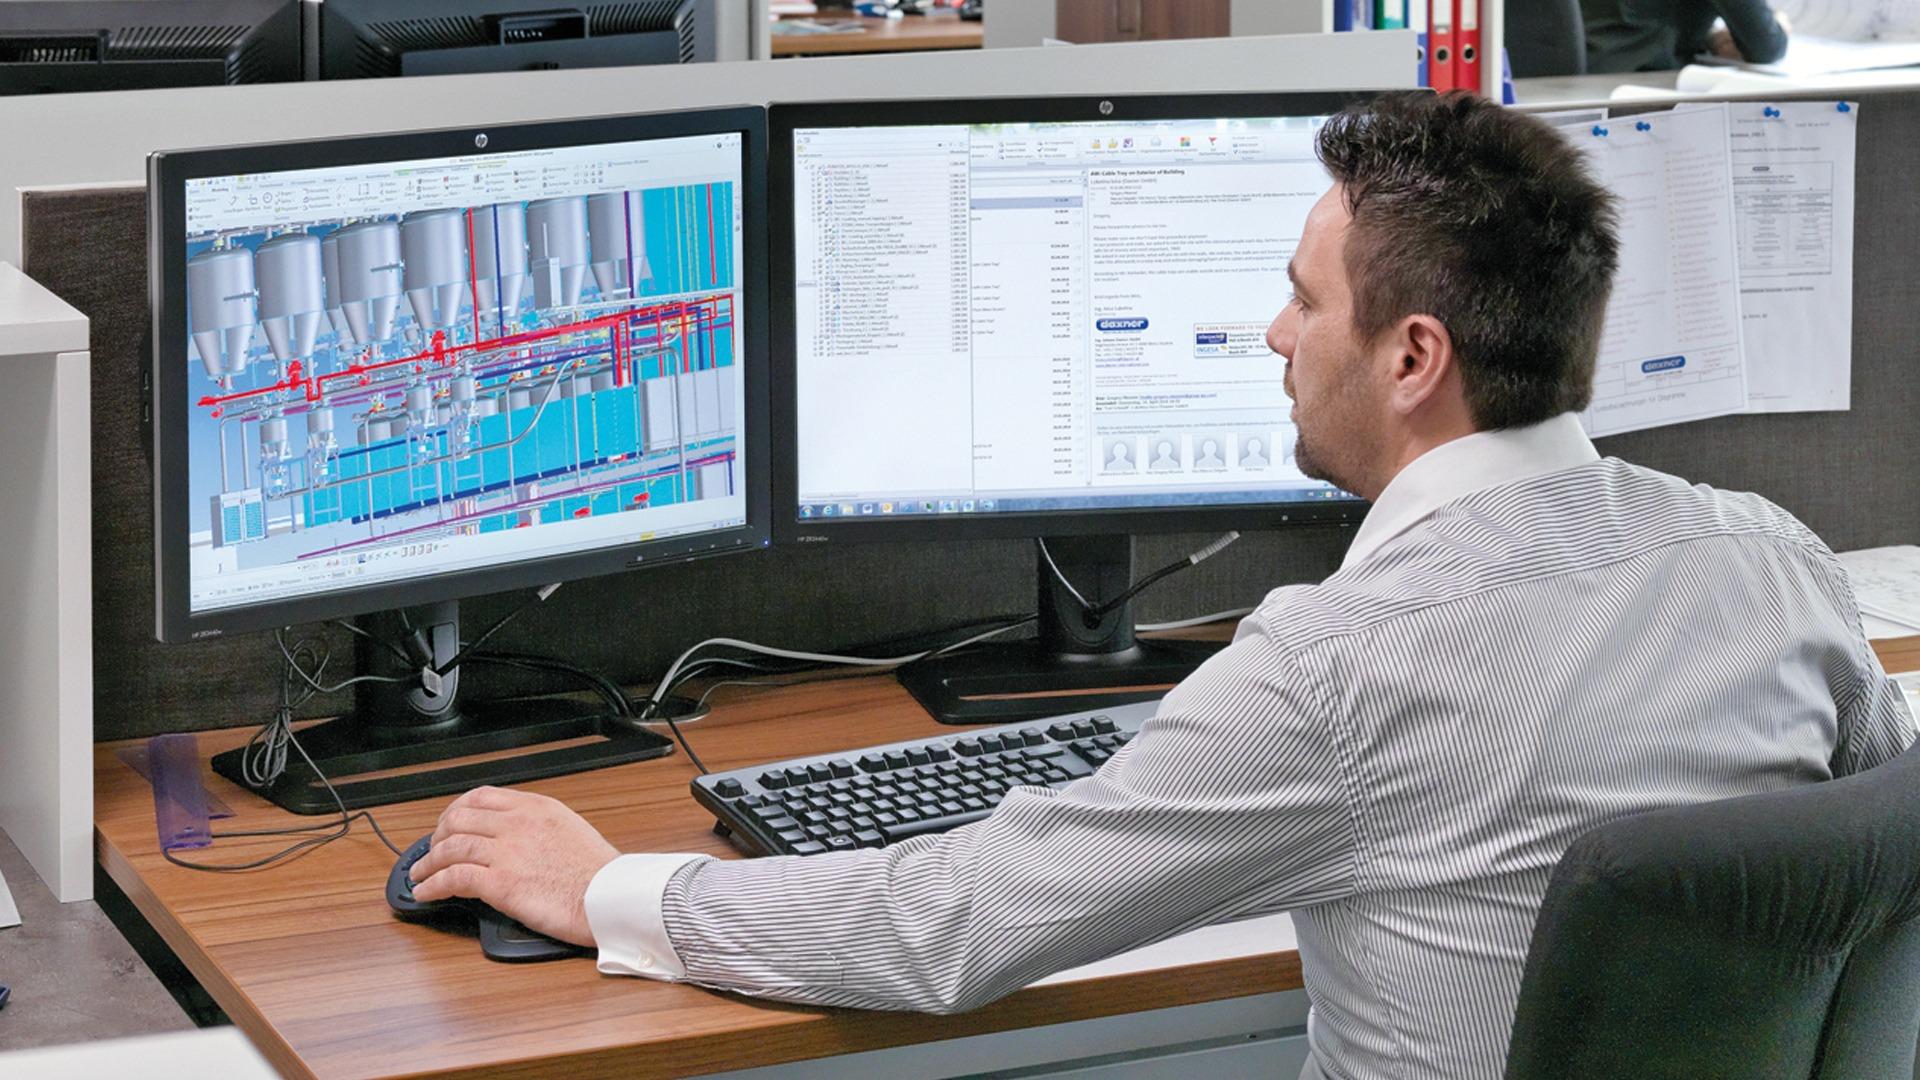 Anlagenkonzeption bei Johann Daxner GmbH